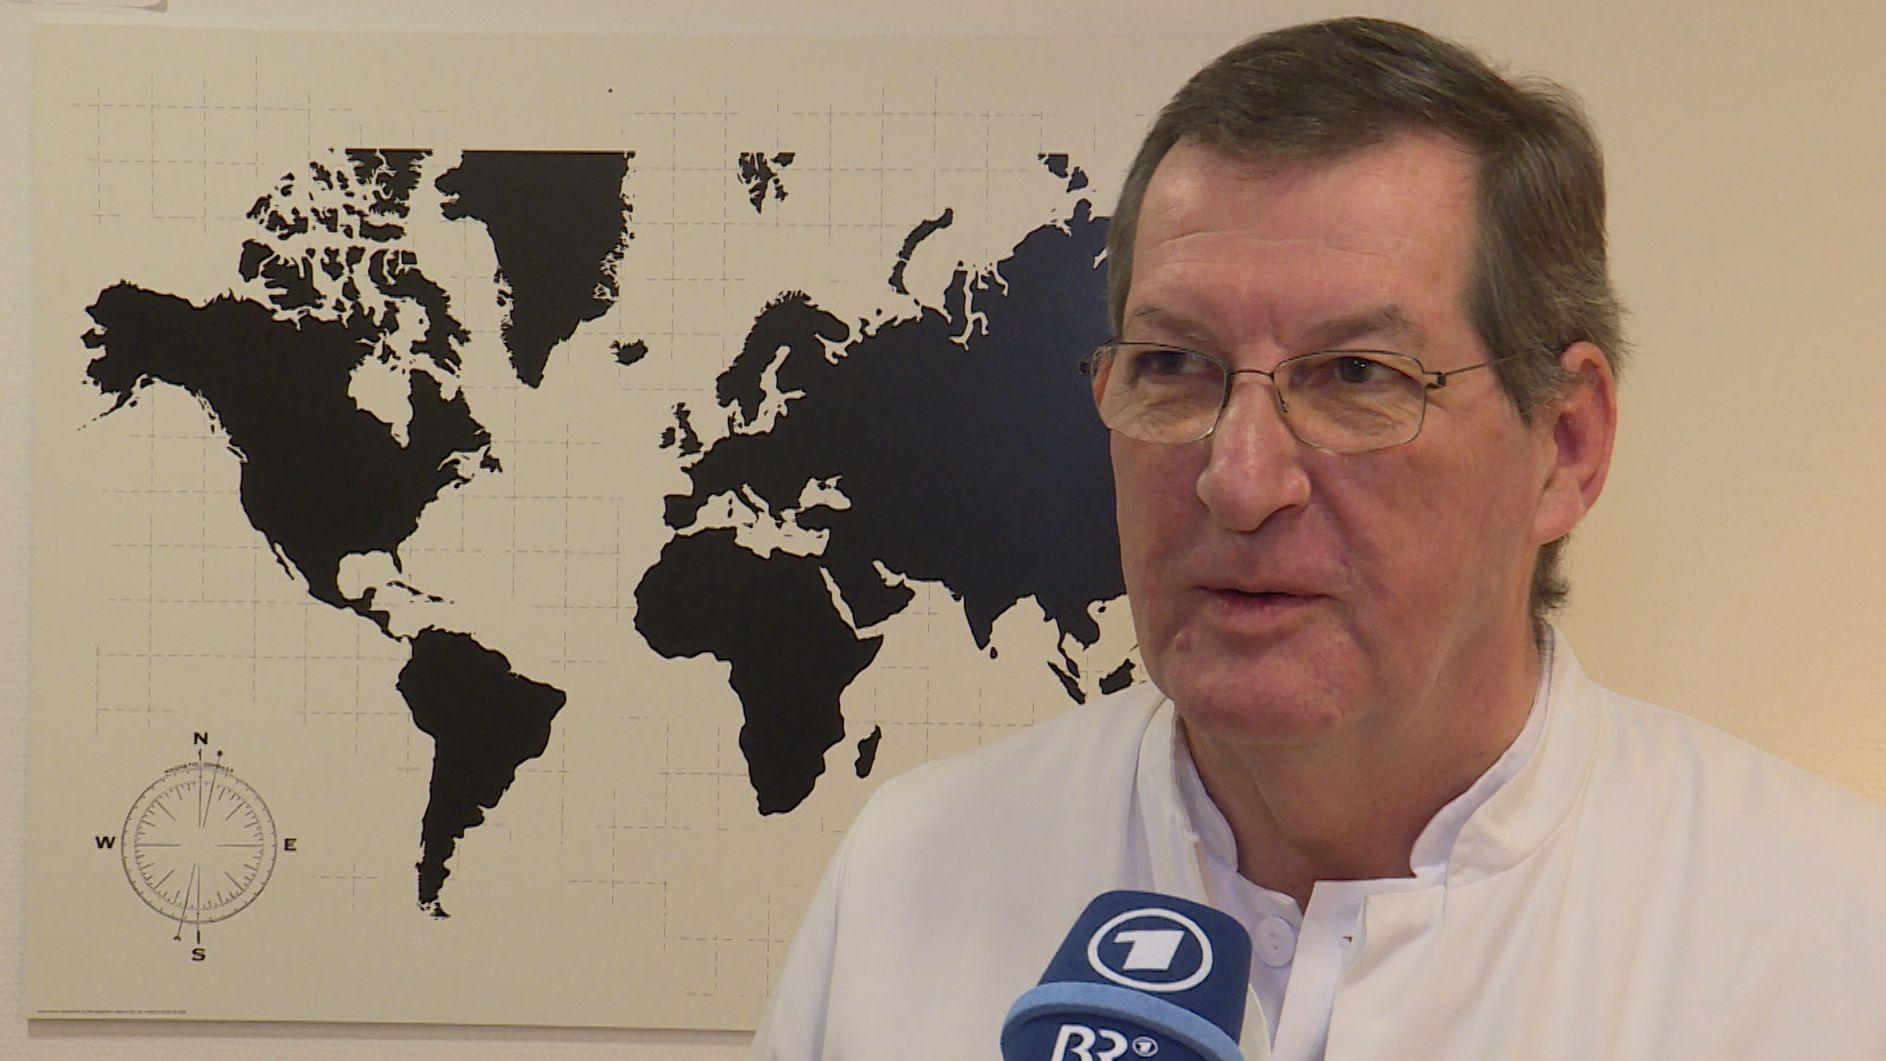 Professor Dr. August Stich vom Klinikum Würzburg Mitte